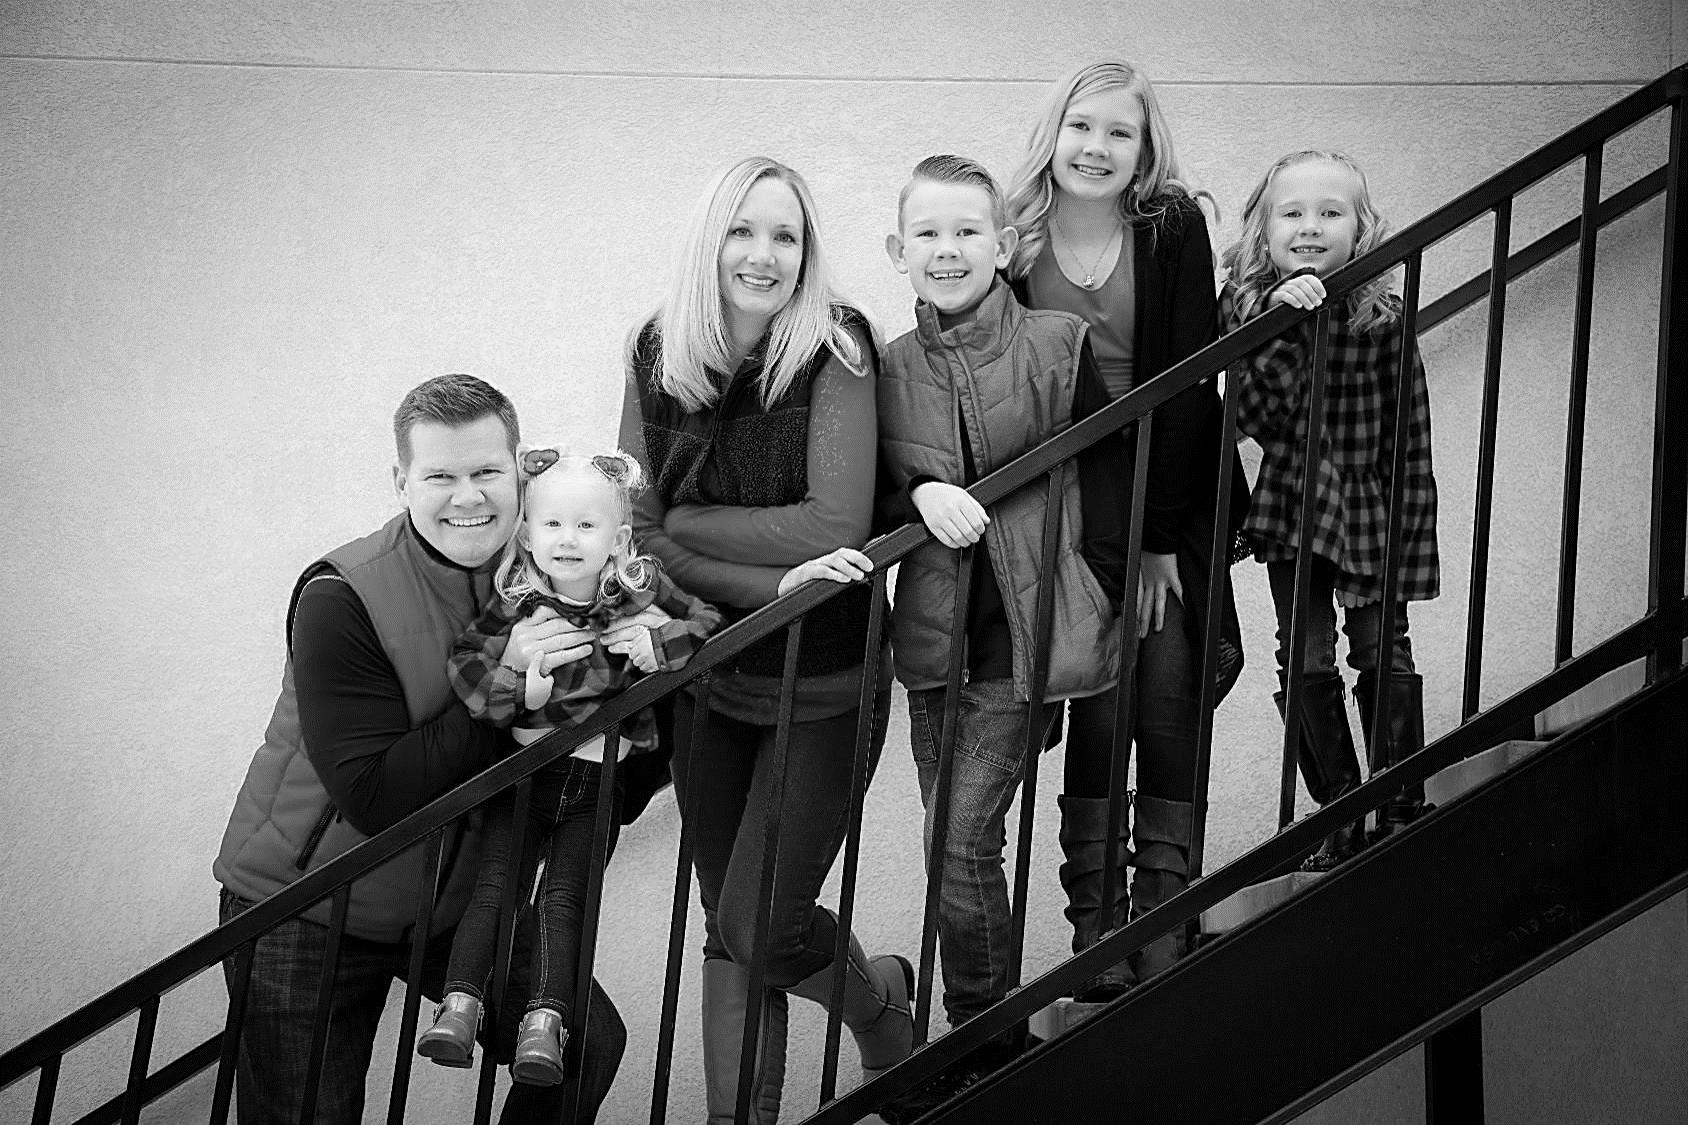 AJR Family Photo - Savology Testimonial